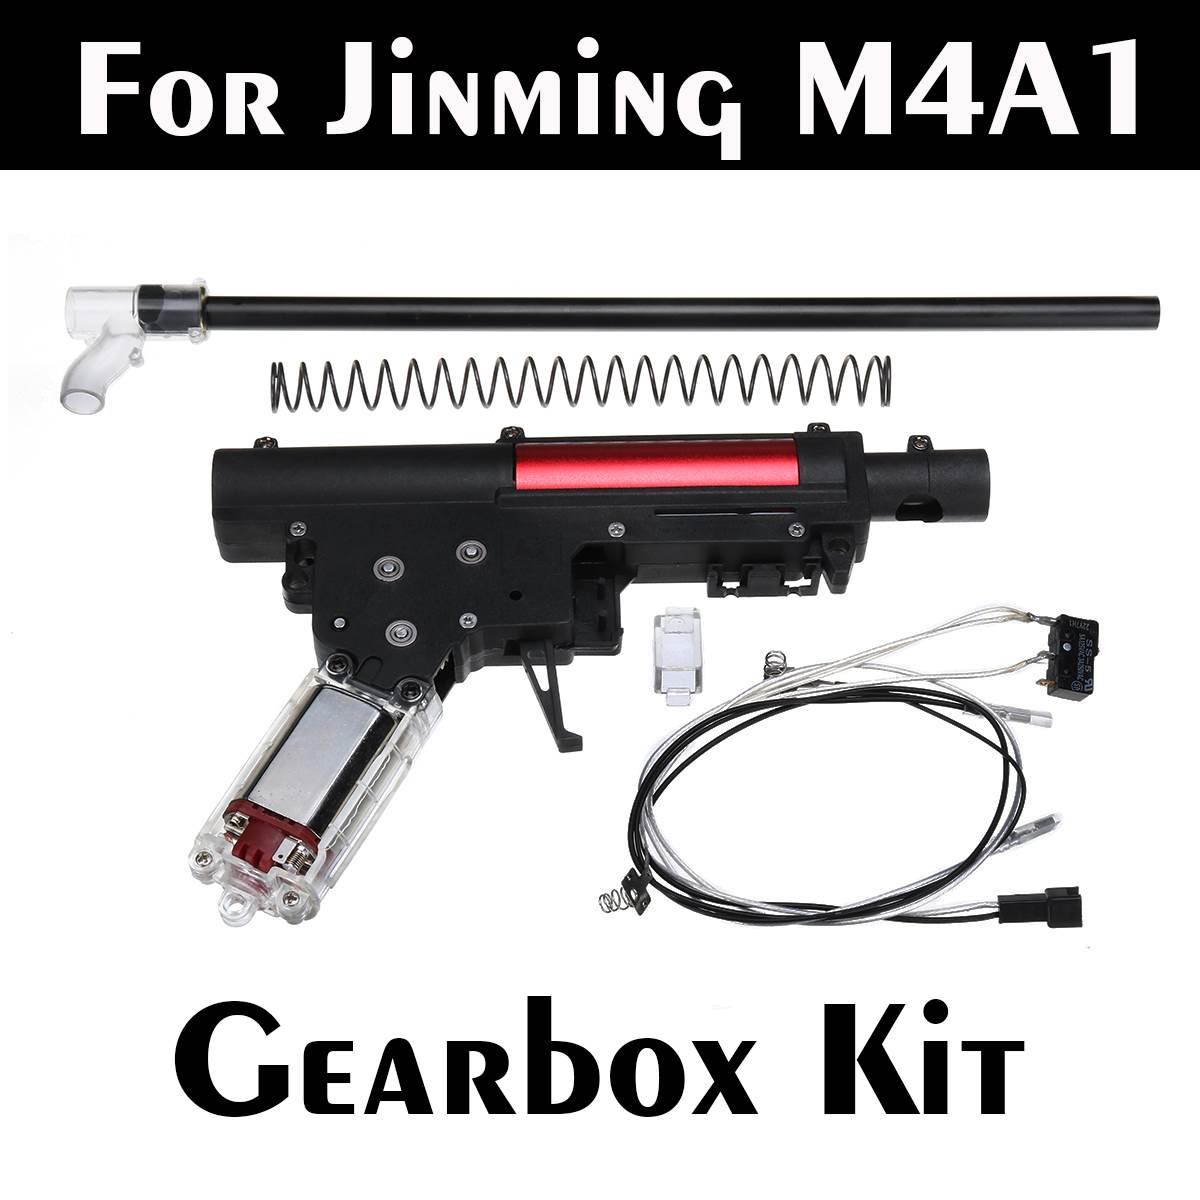 Coque de récepteur fendue en Nylon noir + Kit de boîte de vitesses pour Jinming M4A1 jeu blaster de balle de Gel d'eau accessoires de remplacement de pistolets à jouets